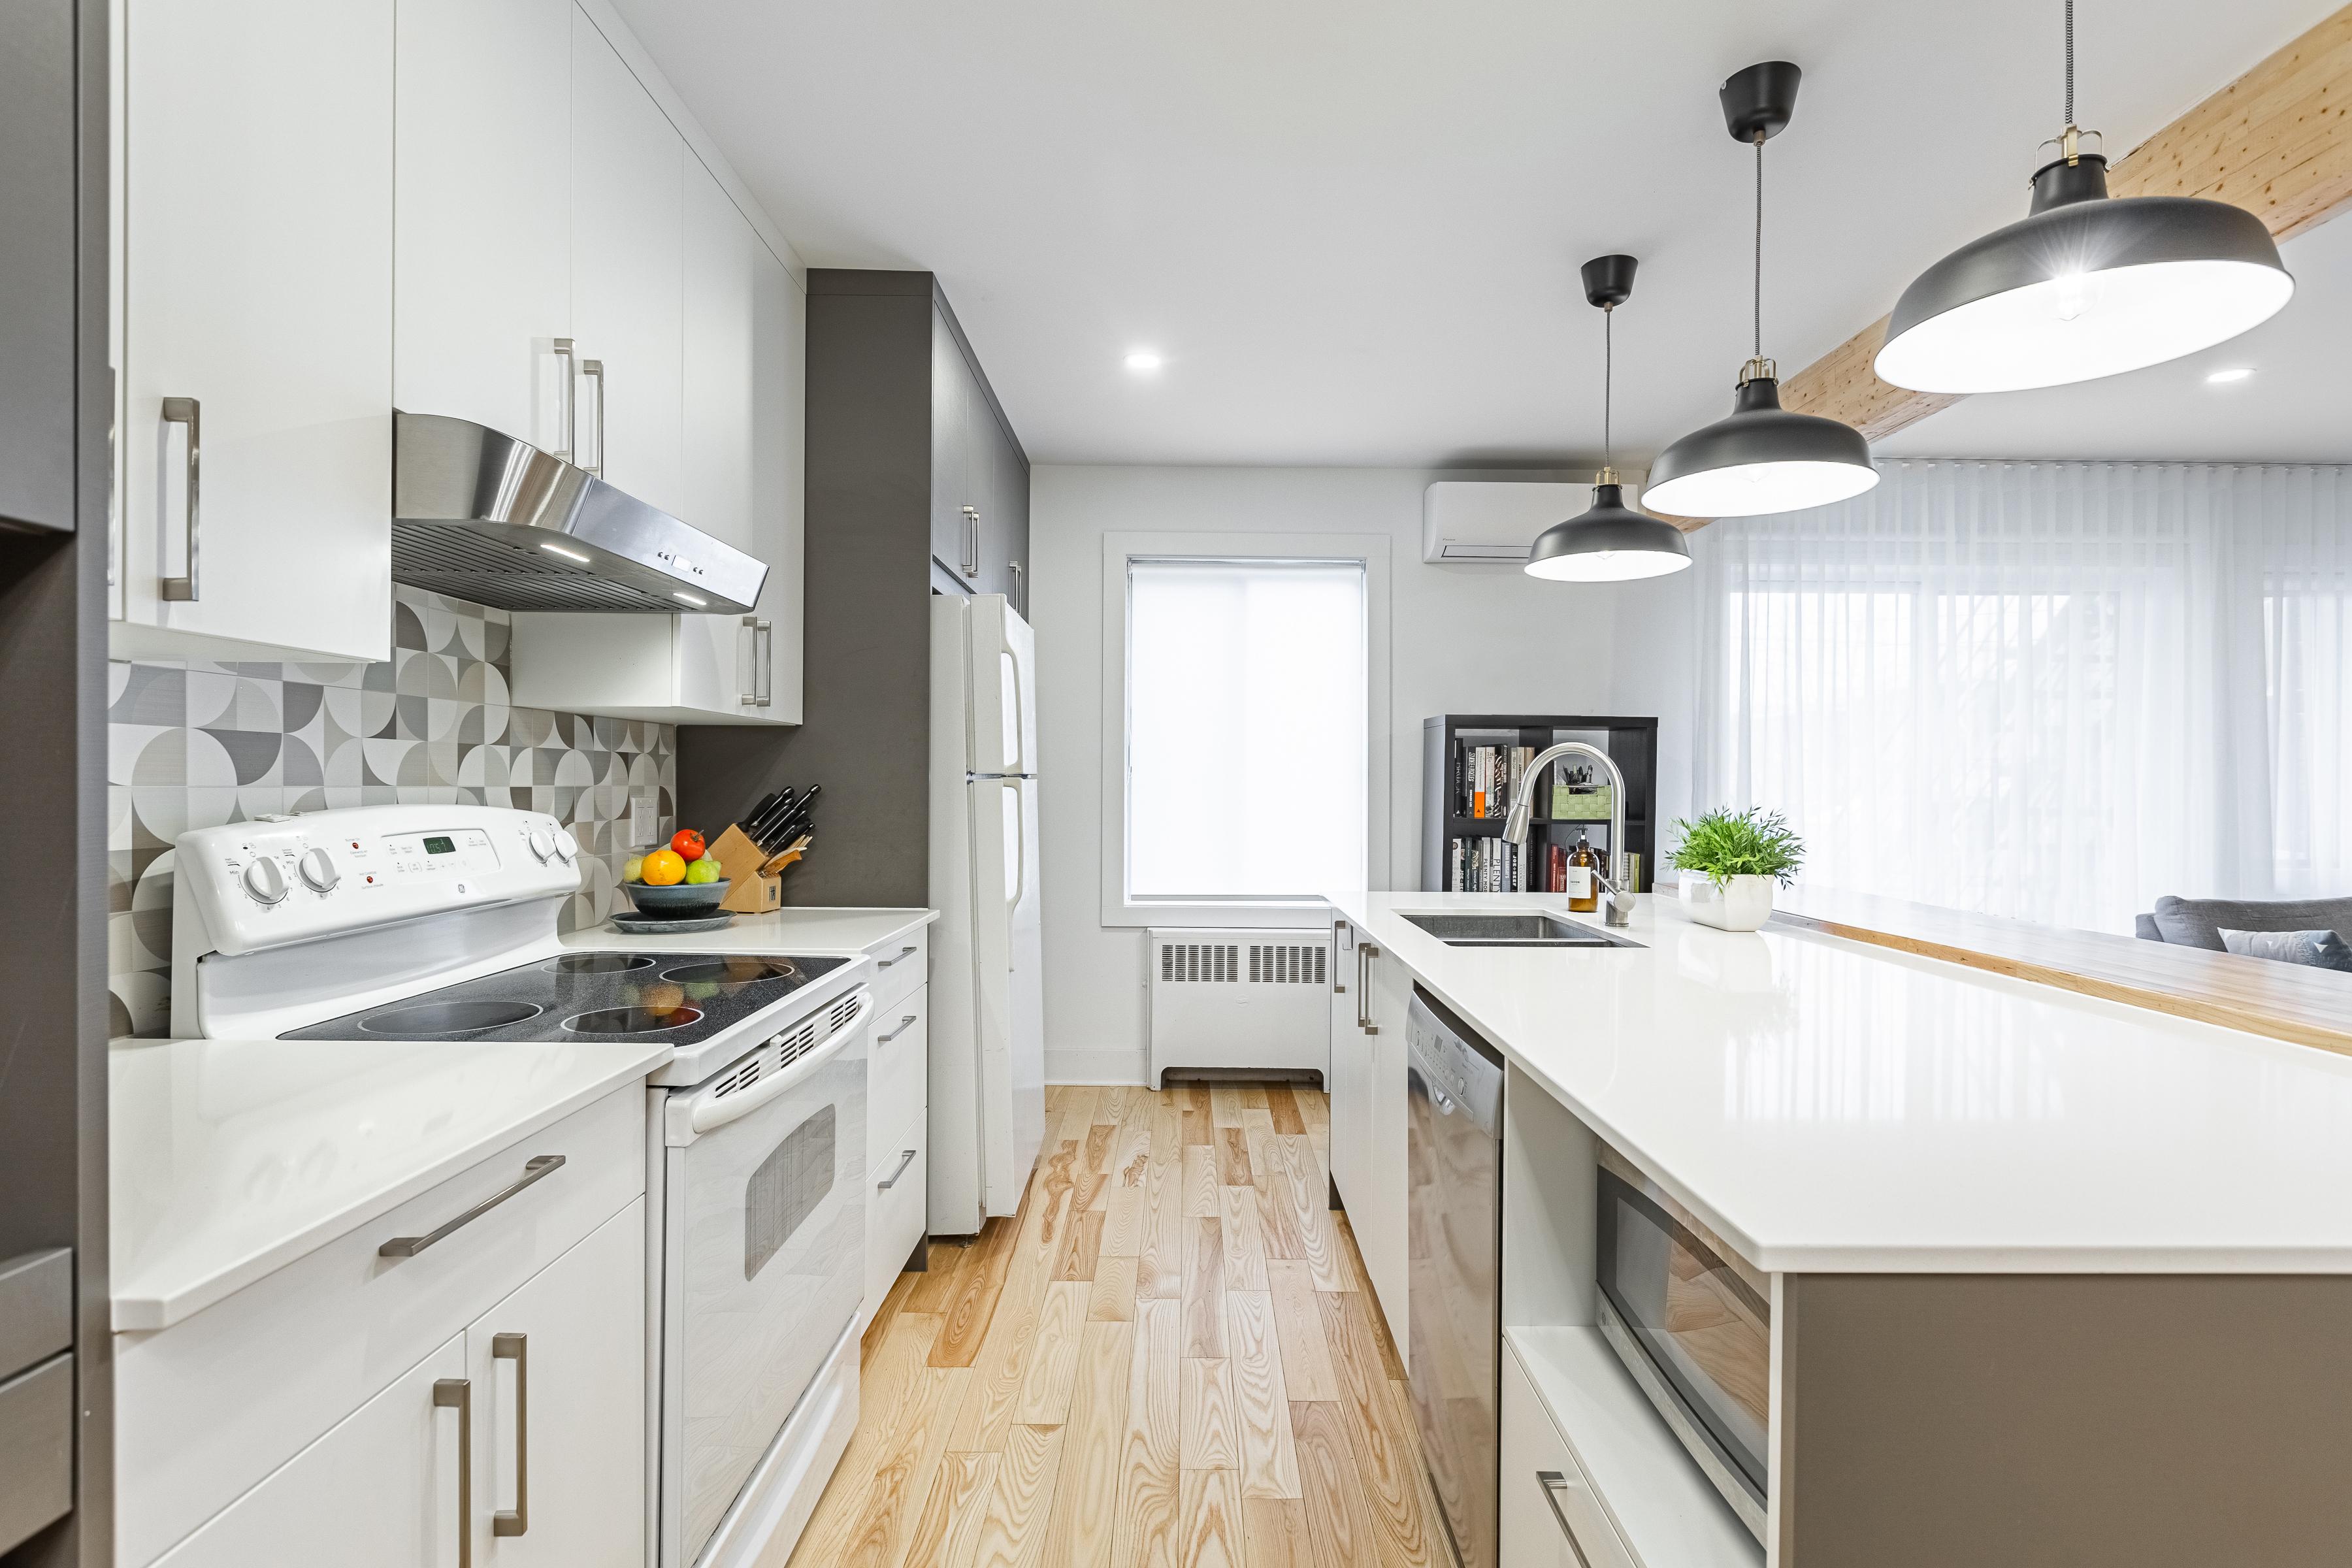 Cuisine à aire ouverte moderne avec armoires blanches et grises, îlot et comptoirs de quartz blancs